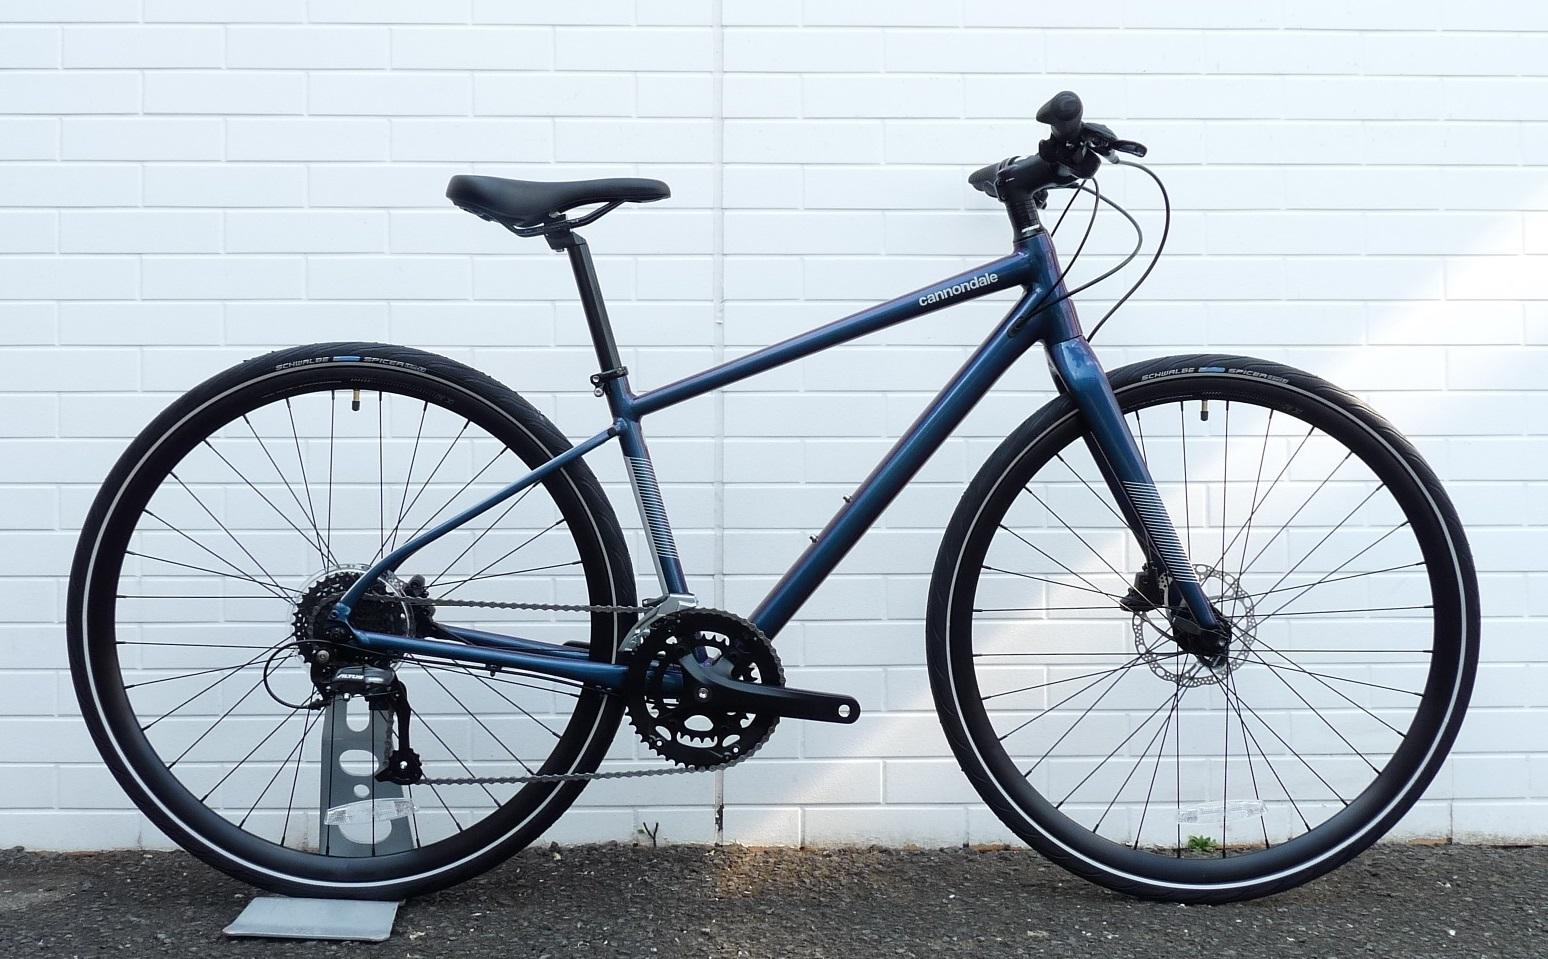 軽くて多目的に使えるクロスバイク!cannondale QUICK 3